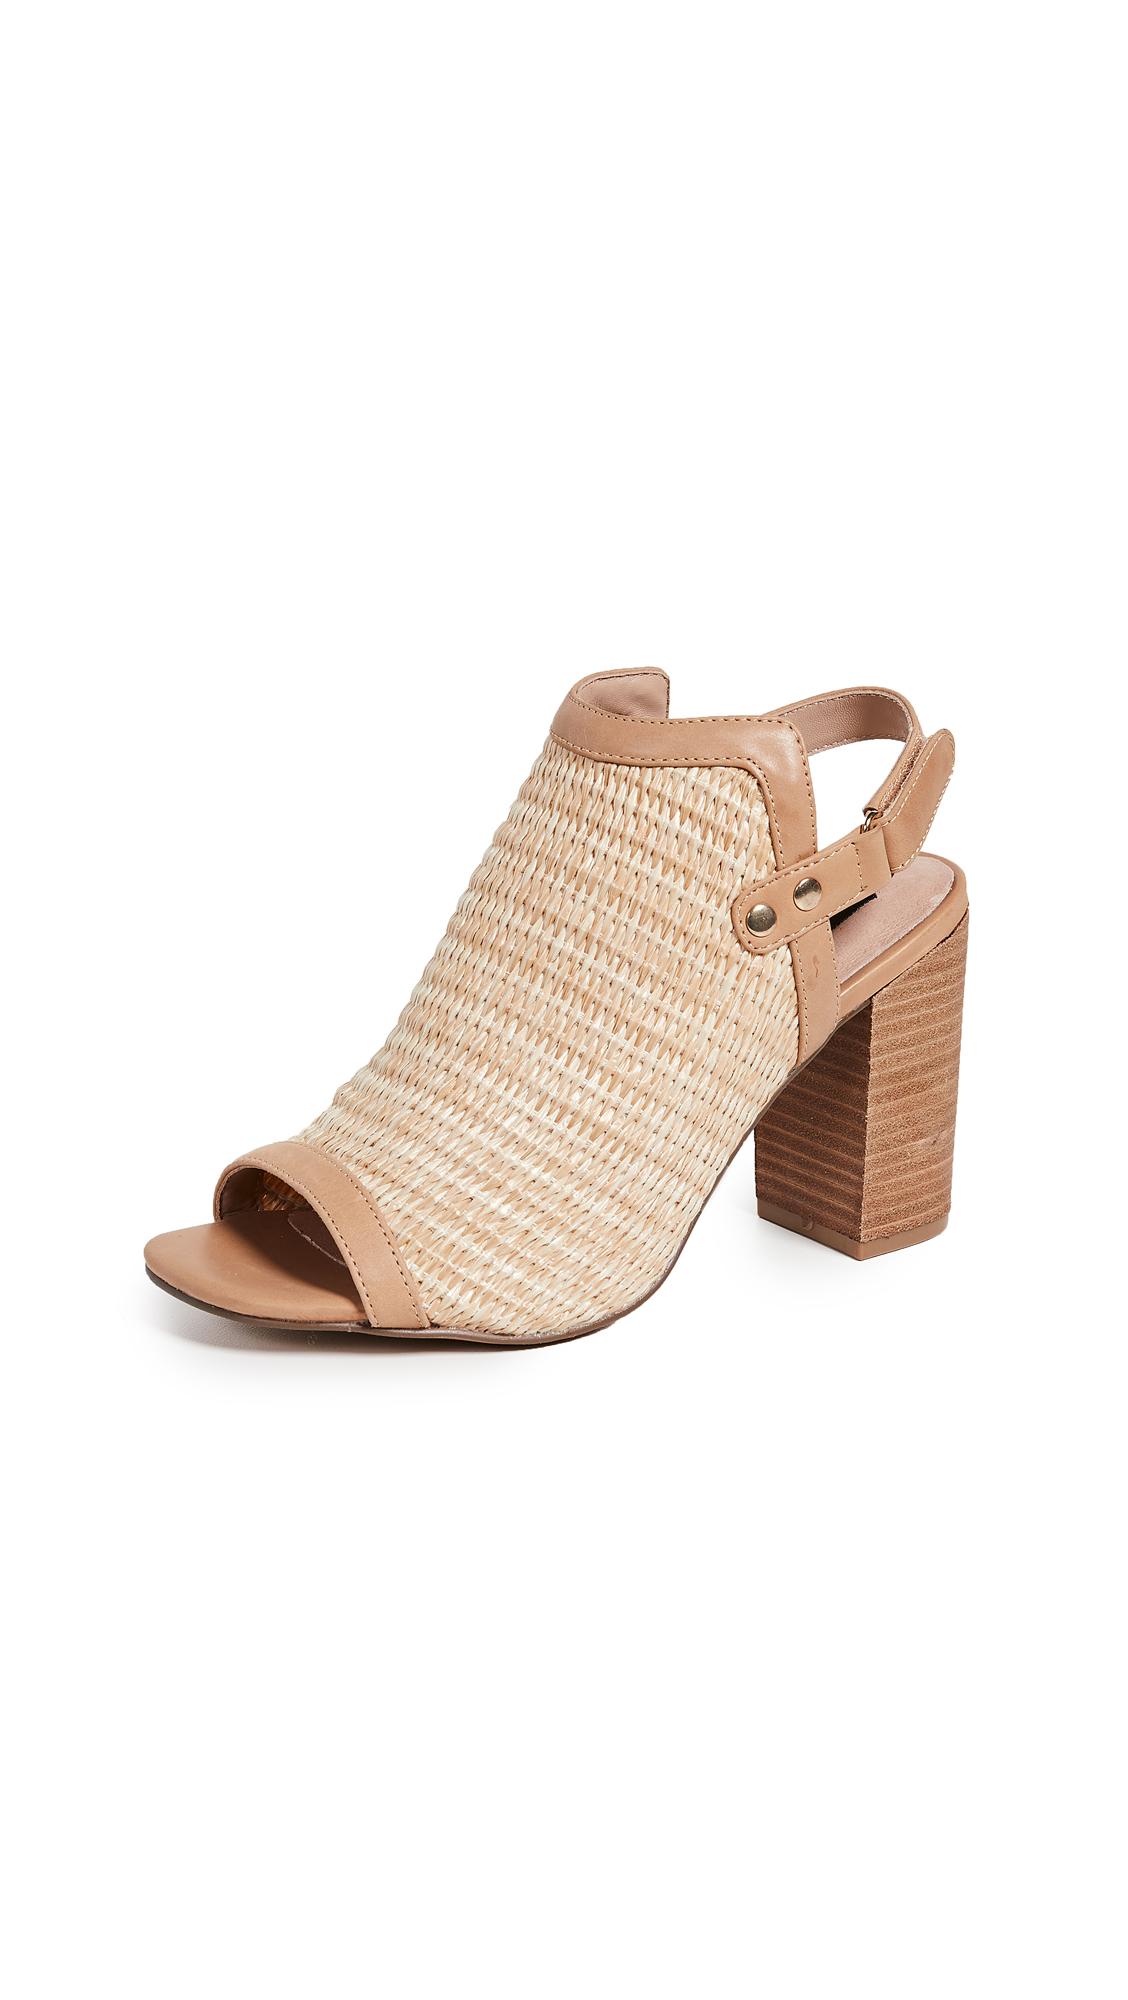 Steven Sweep Block Heel Sandals